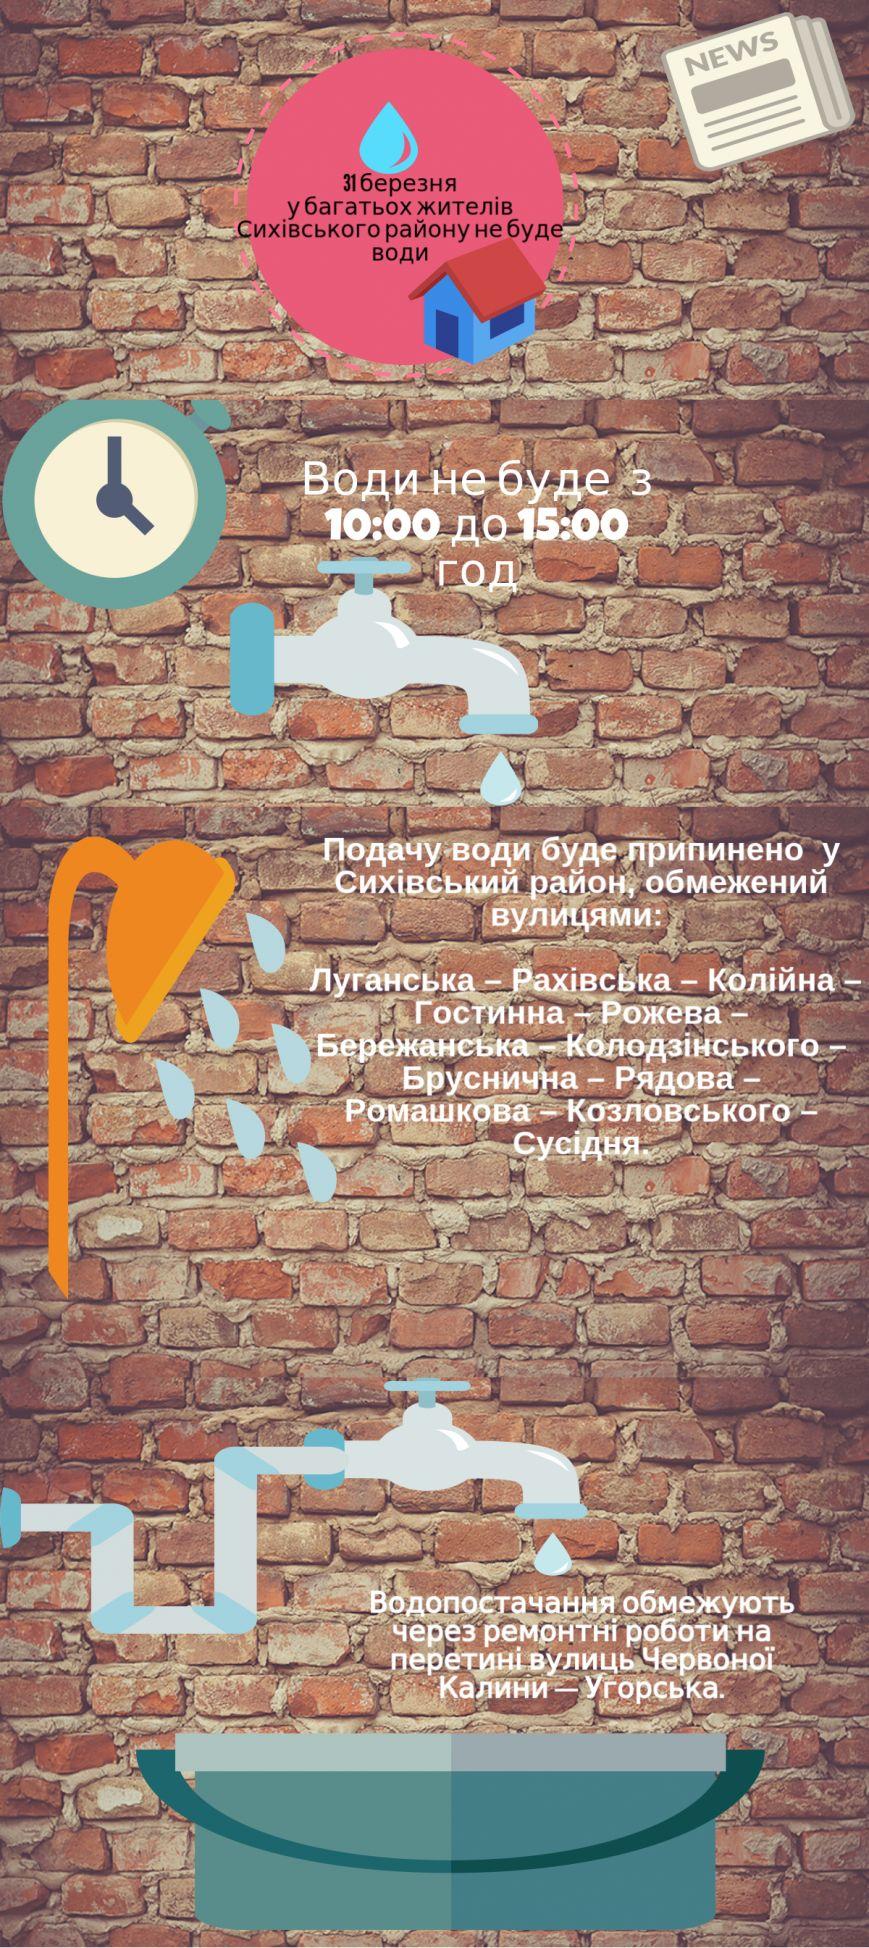 untitled-infographic (jjjjjjjj6)